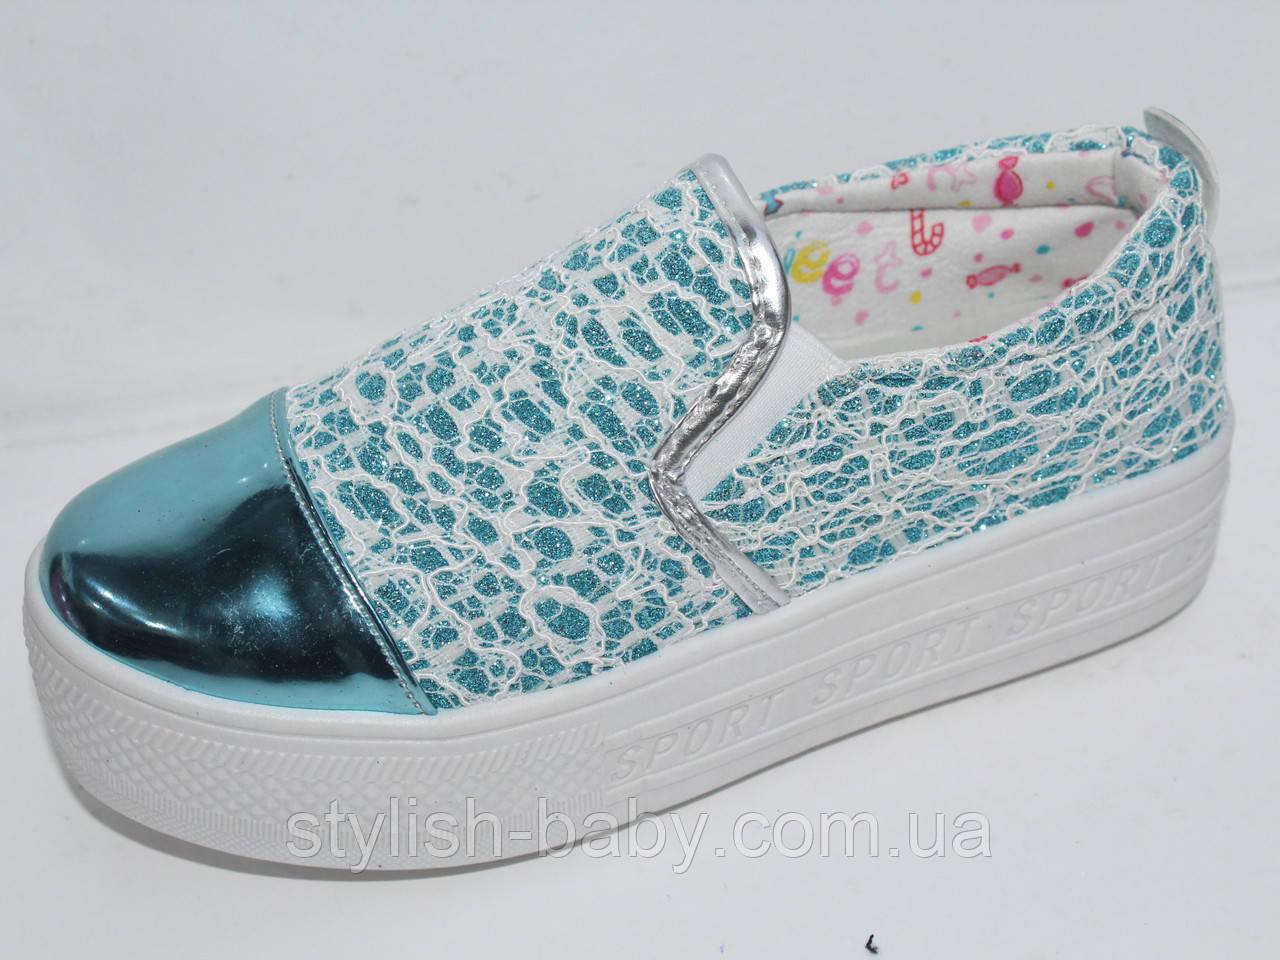 Детская спортивная обувь. Детские кеды - слипоны бренда С.Луч для девочек(рр. с 33 по 38)